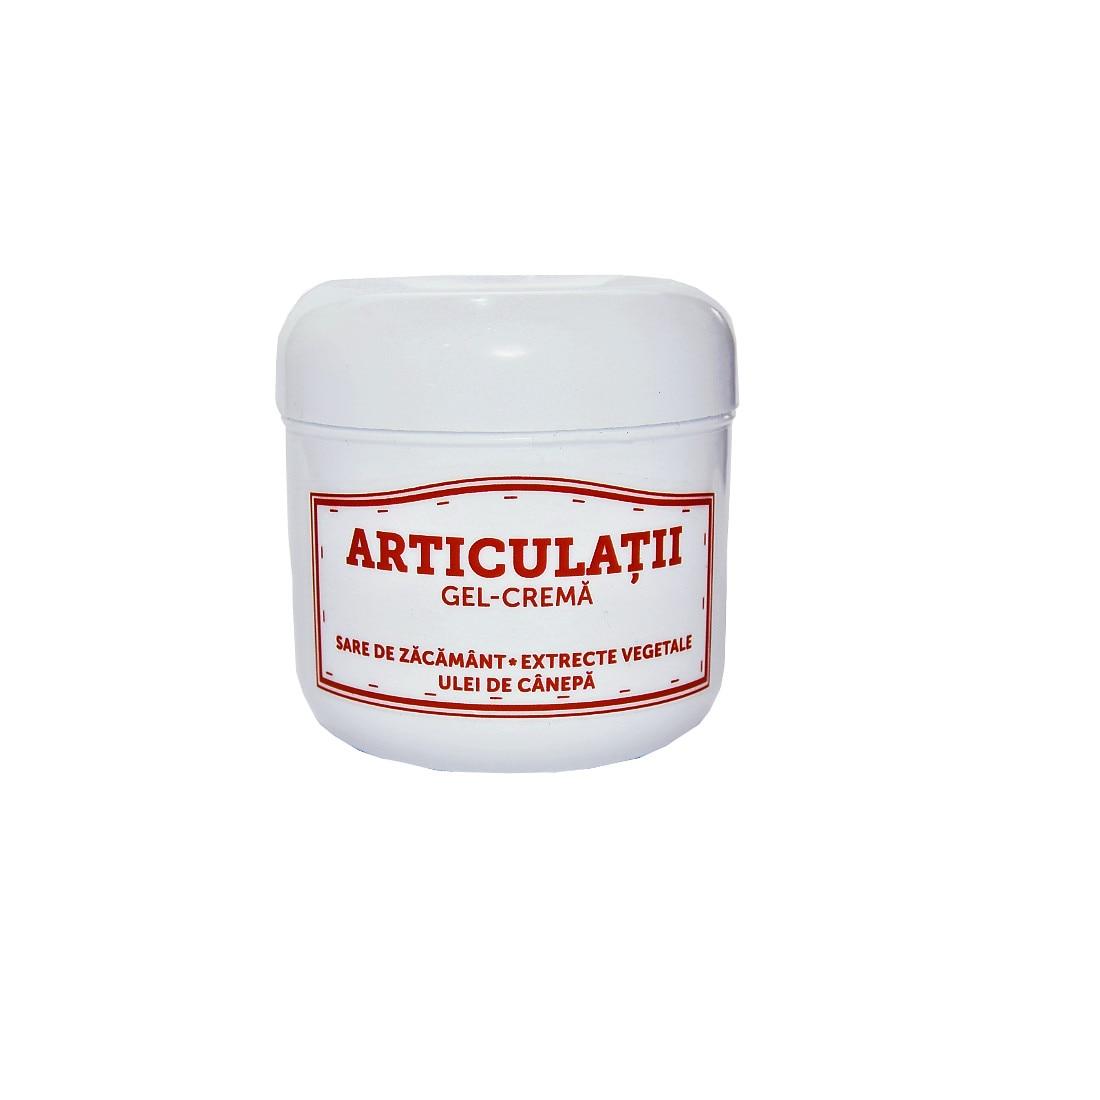 Produse pentru restaurarea ligamentelor și articulațiilor, Expert medical al articolului